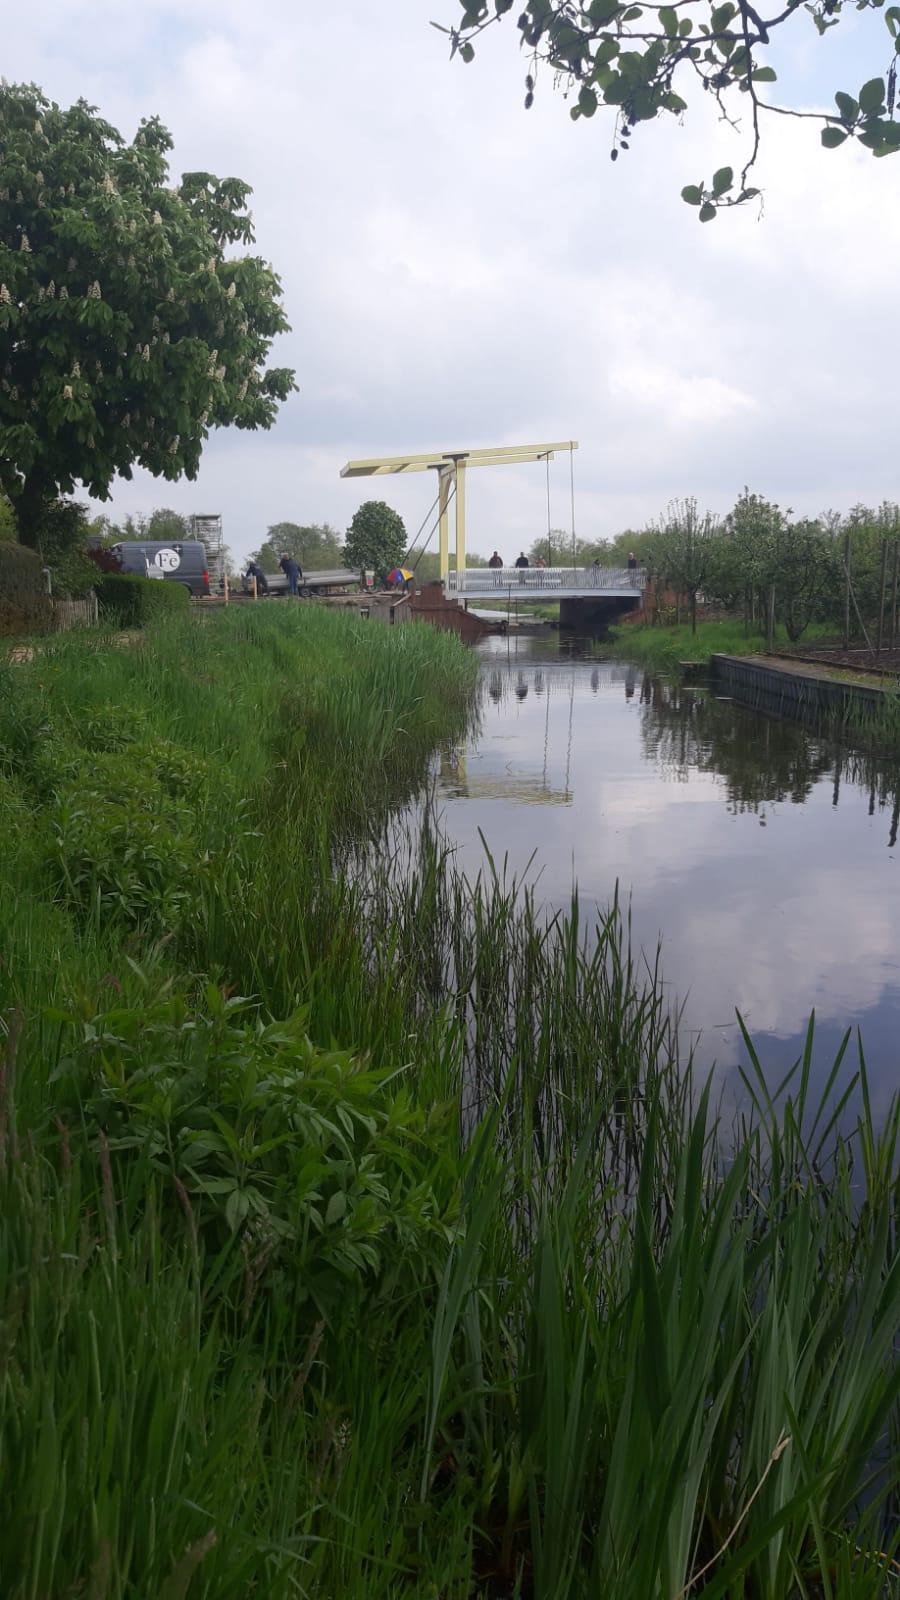 Nostalgie in optima forma: De Gele Brug in Ankeveen ziet er weer exact zo uit als een eeuw geleden